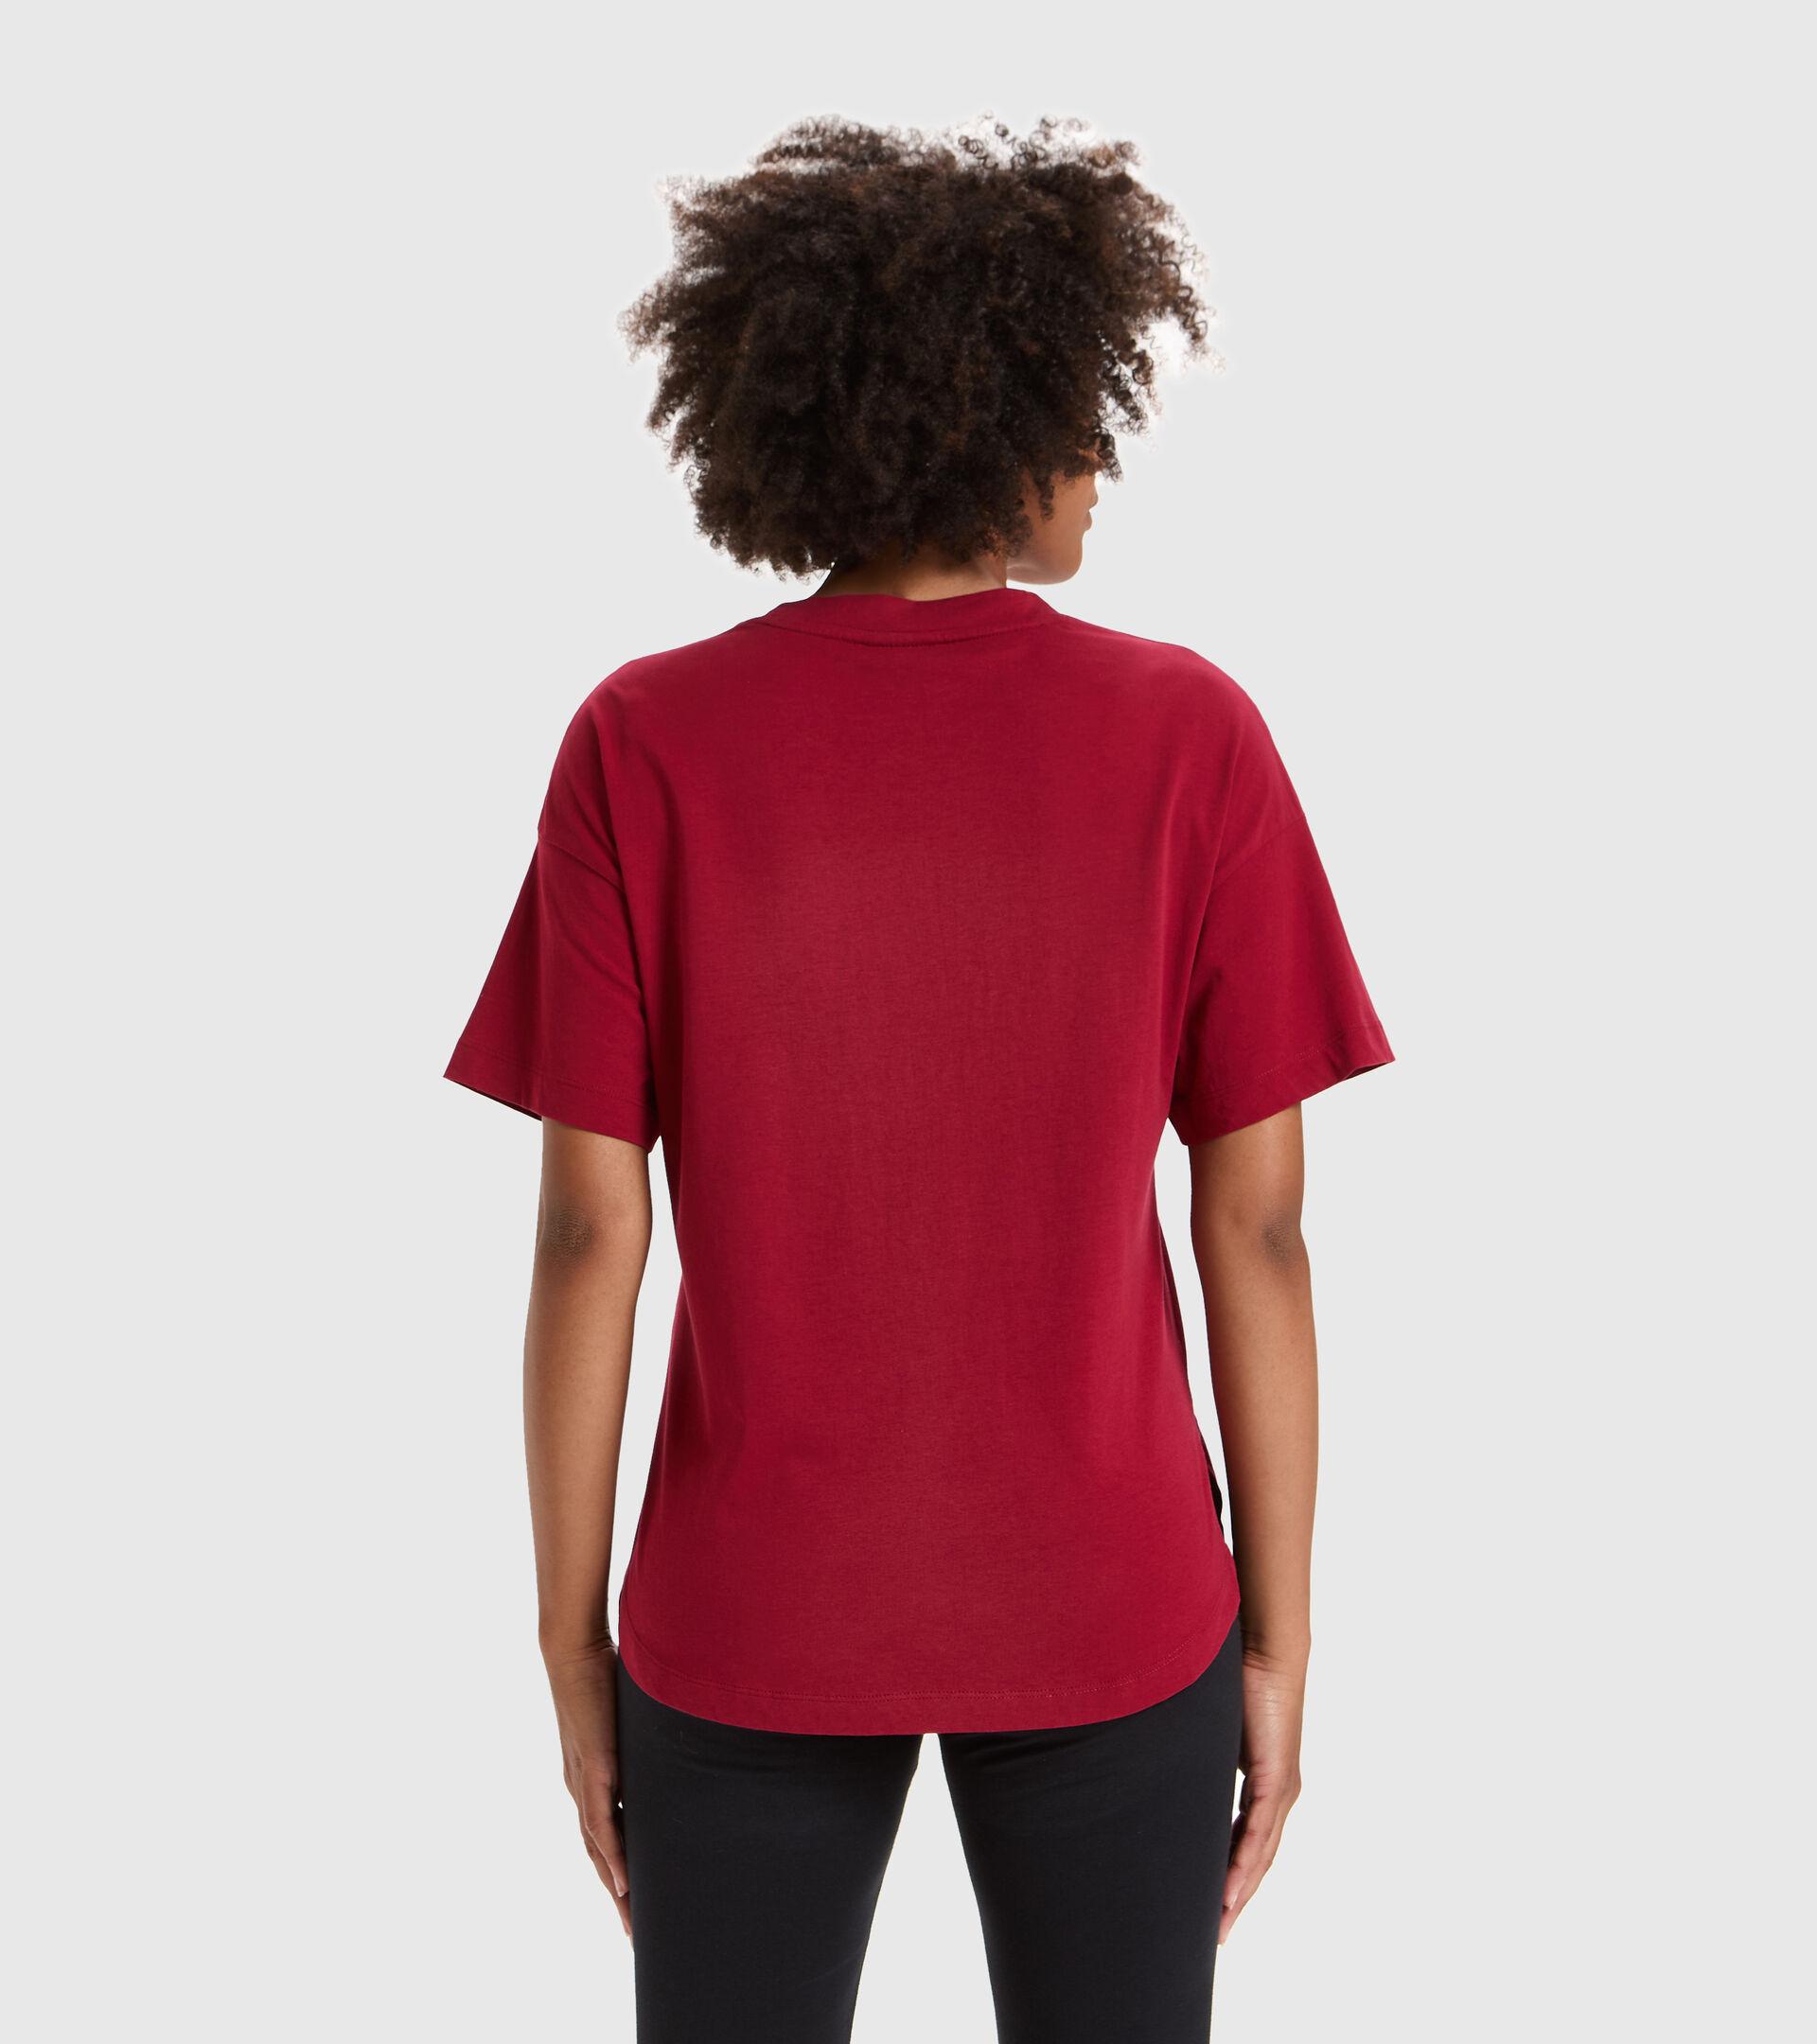 T-Shirt - Damen L.T-SHIRT SS LUSH RHABARBER - Diadora